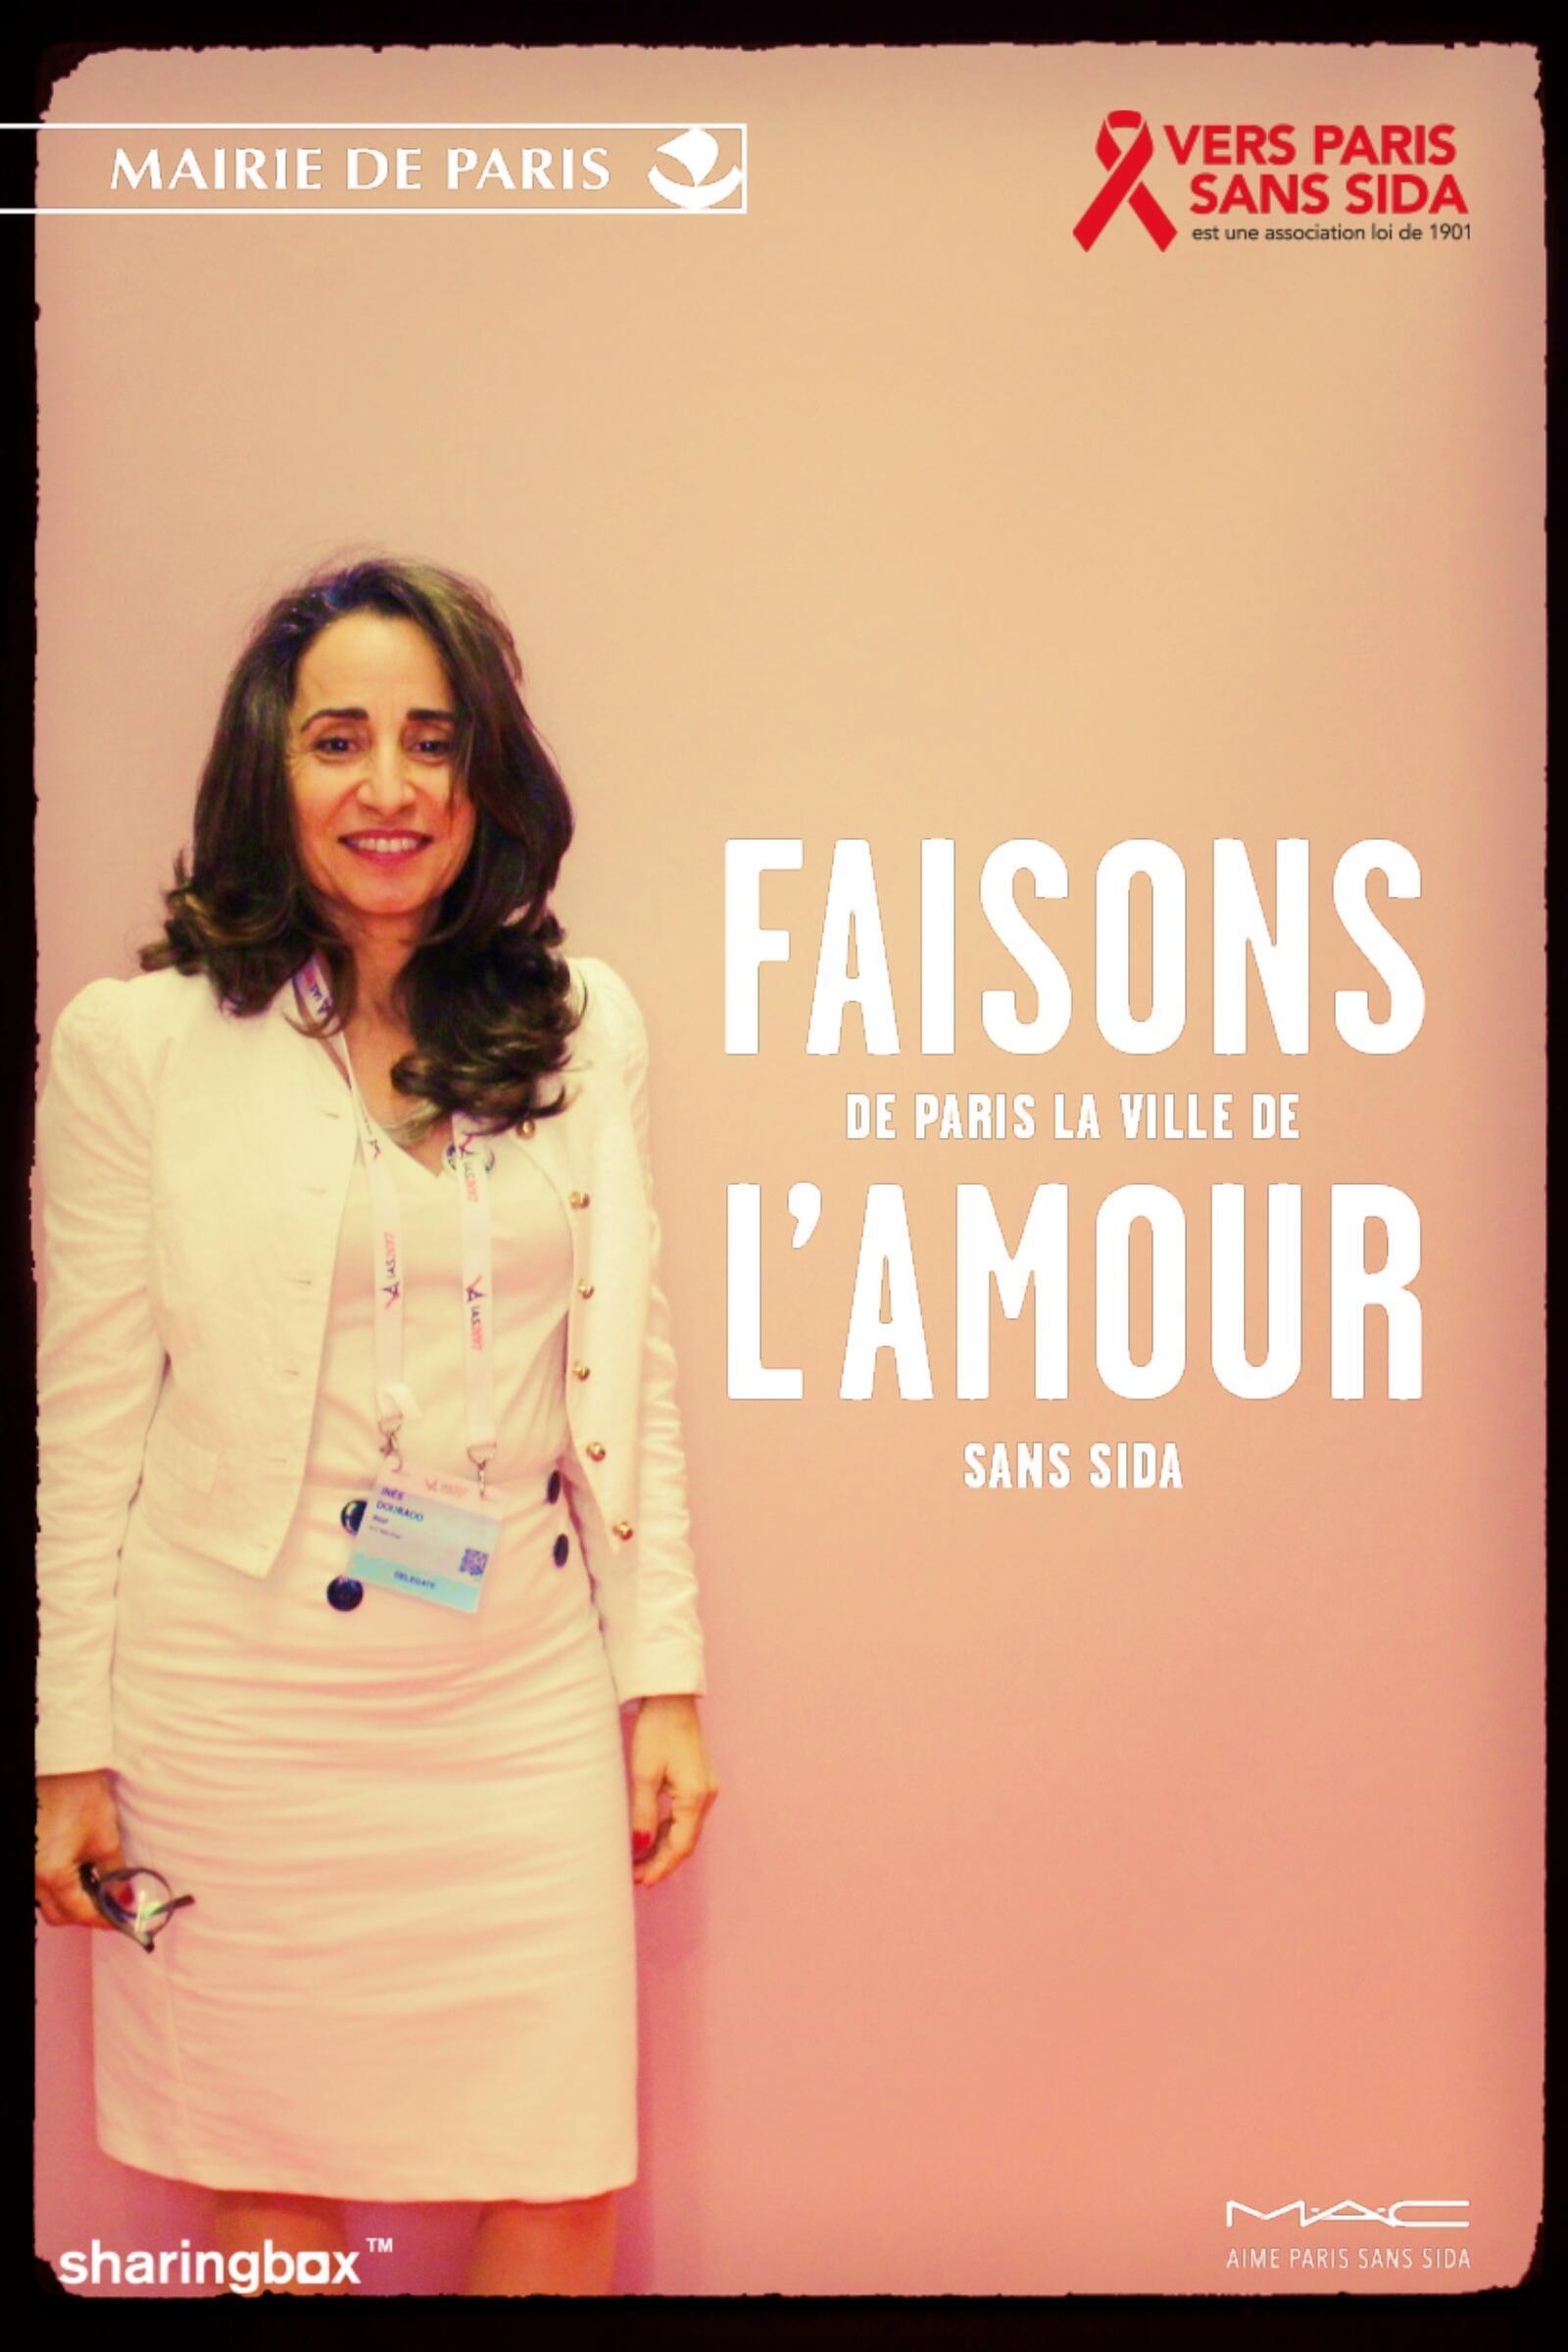 A médica brasileira Inês Dourado na campanha parisiense de prevenção contra a Aids.